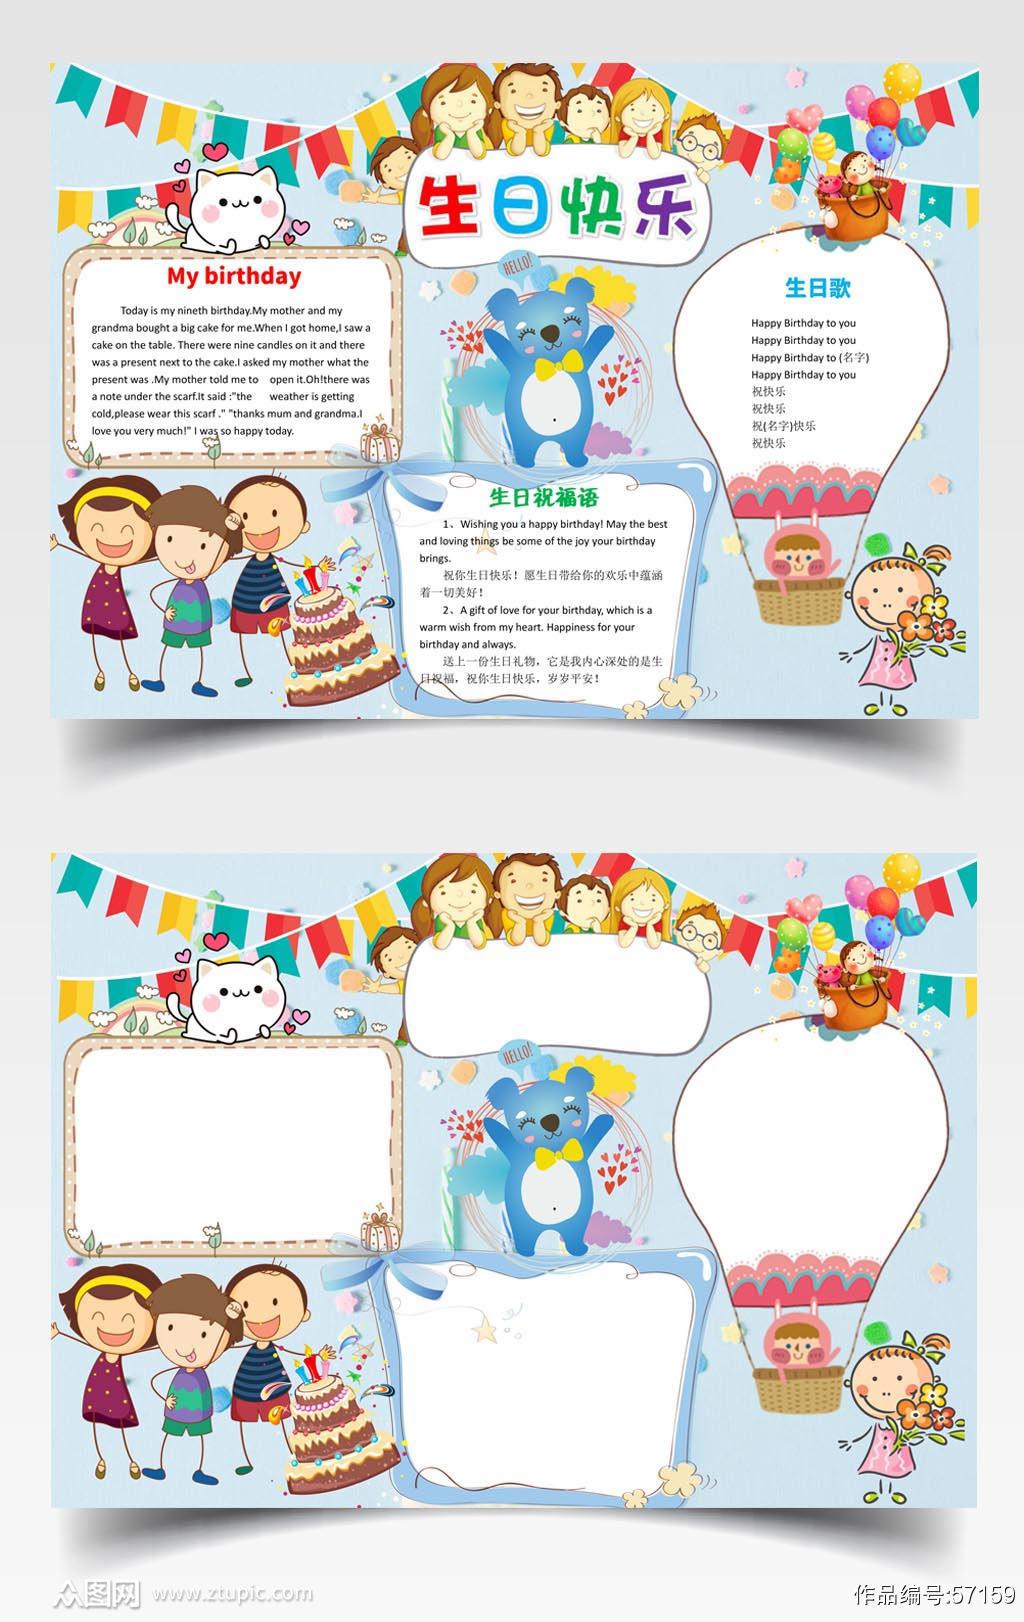 可爱英语生日快乐素材